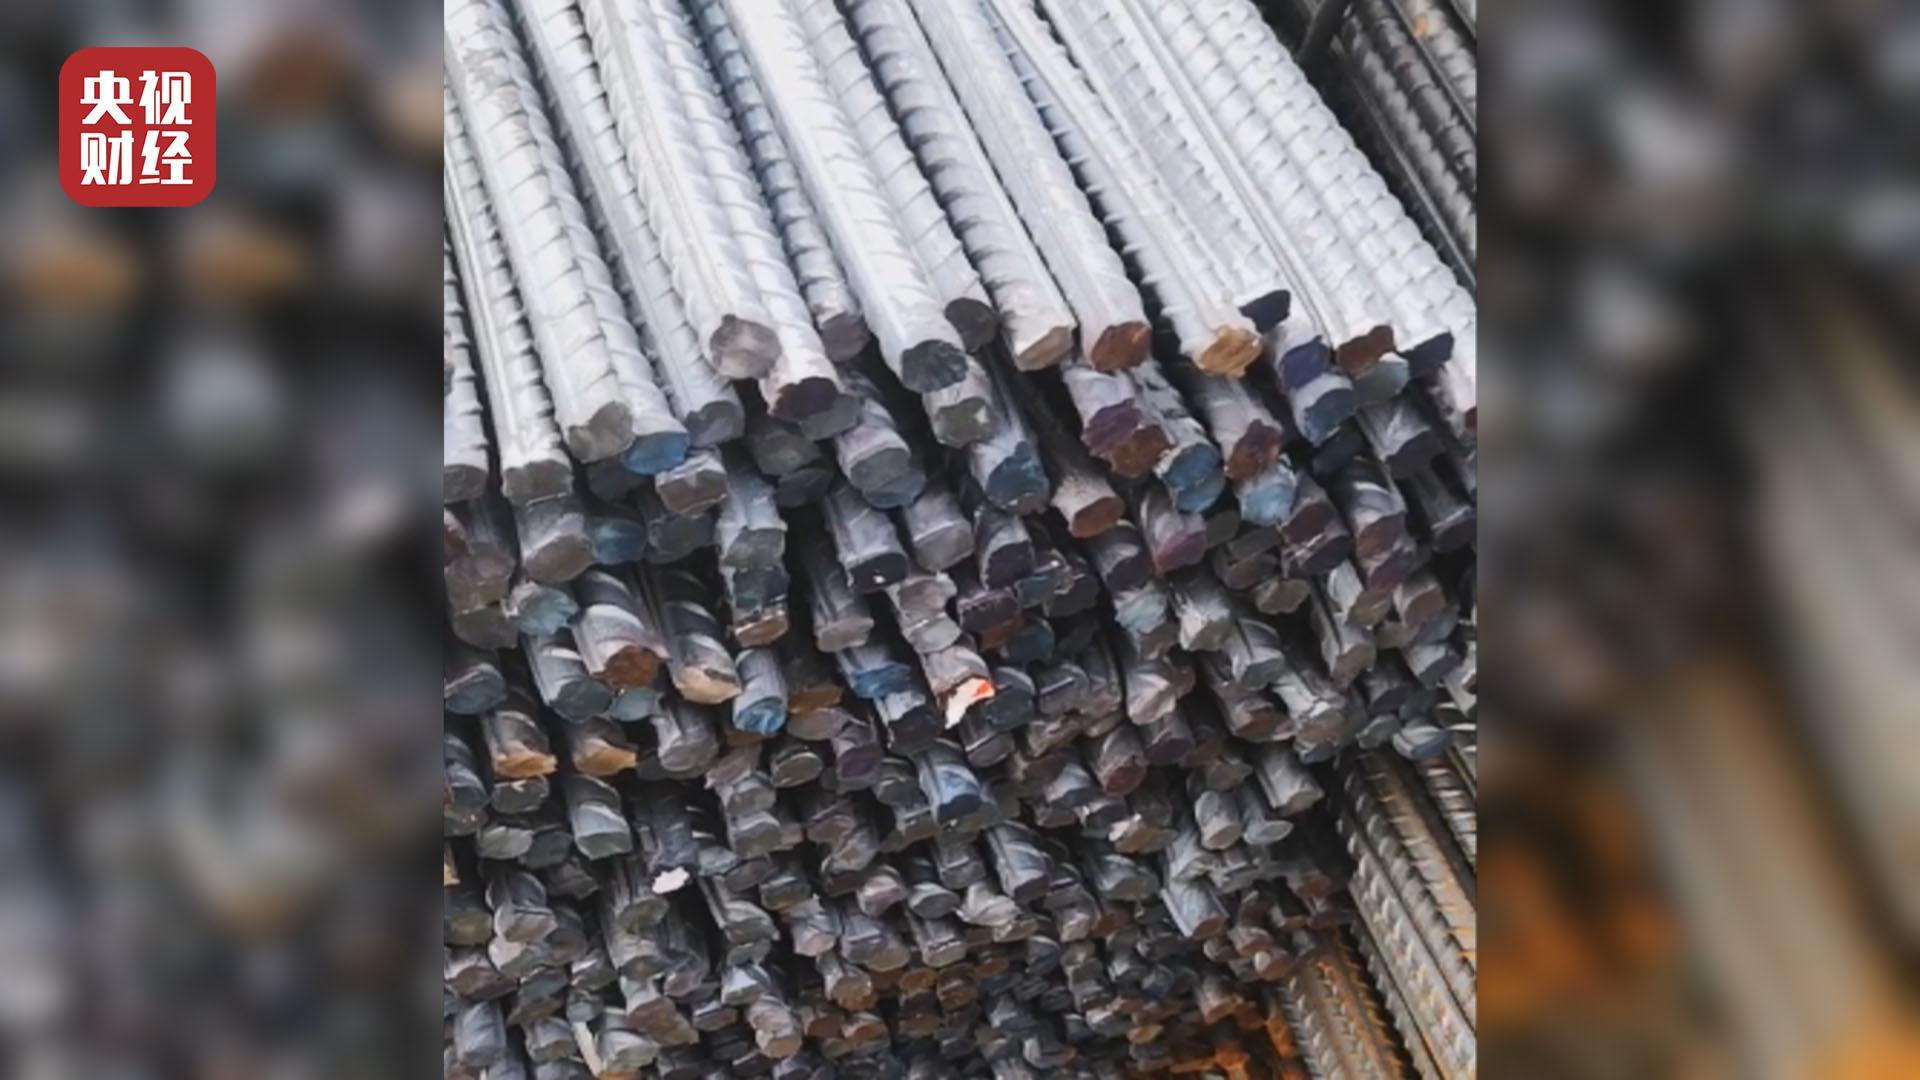 聚焦3·15晚会丨废旧钢筋一夜翻新!一年上万吨黑心钢筋流入工地